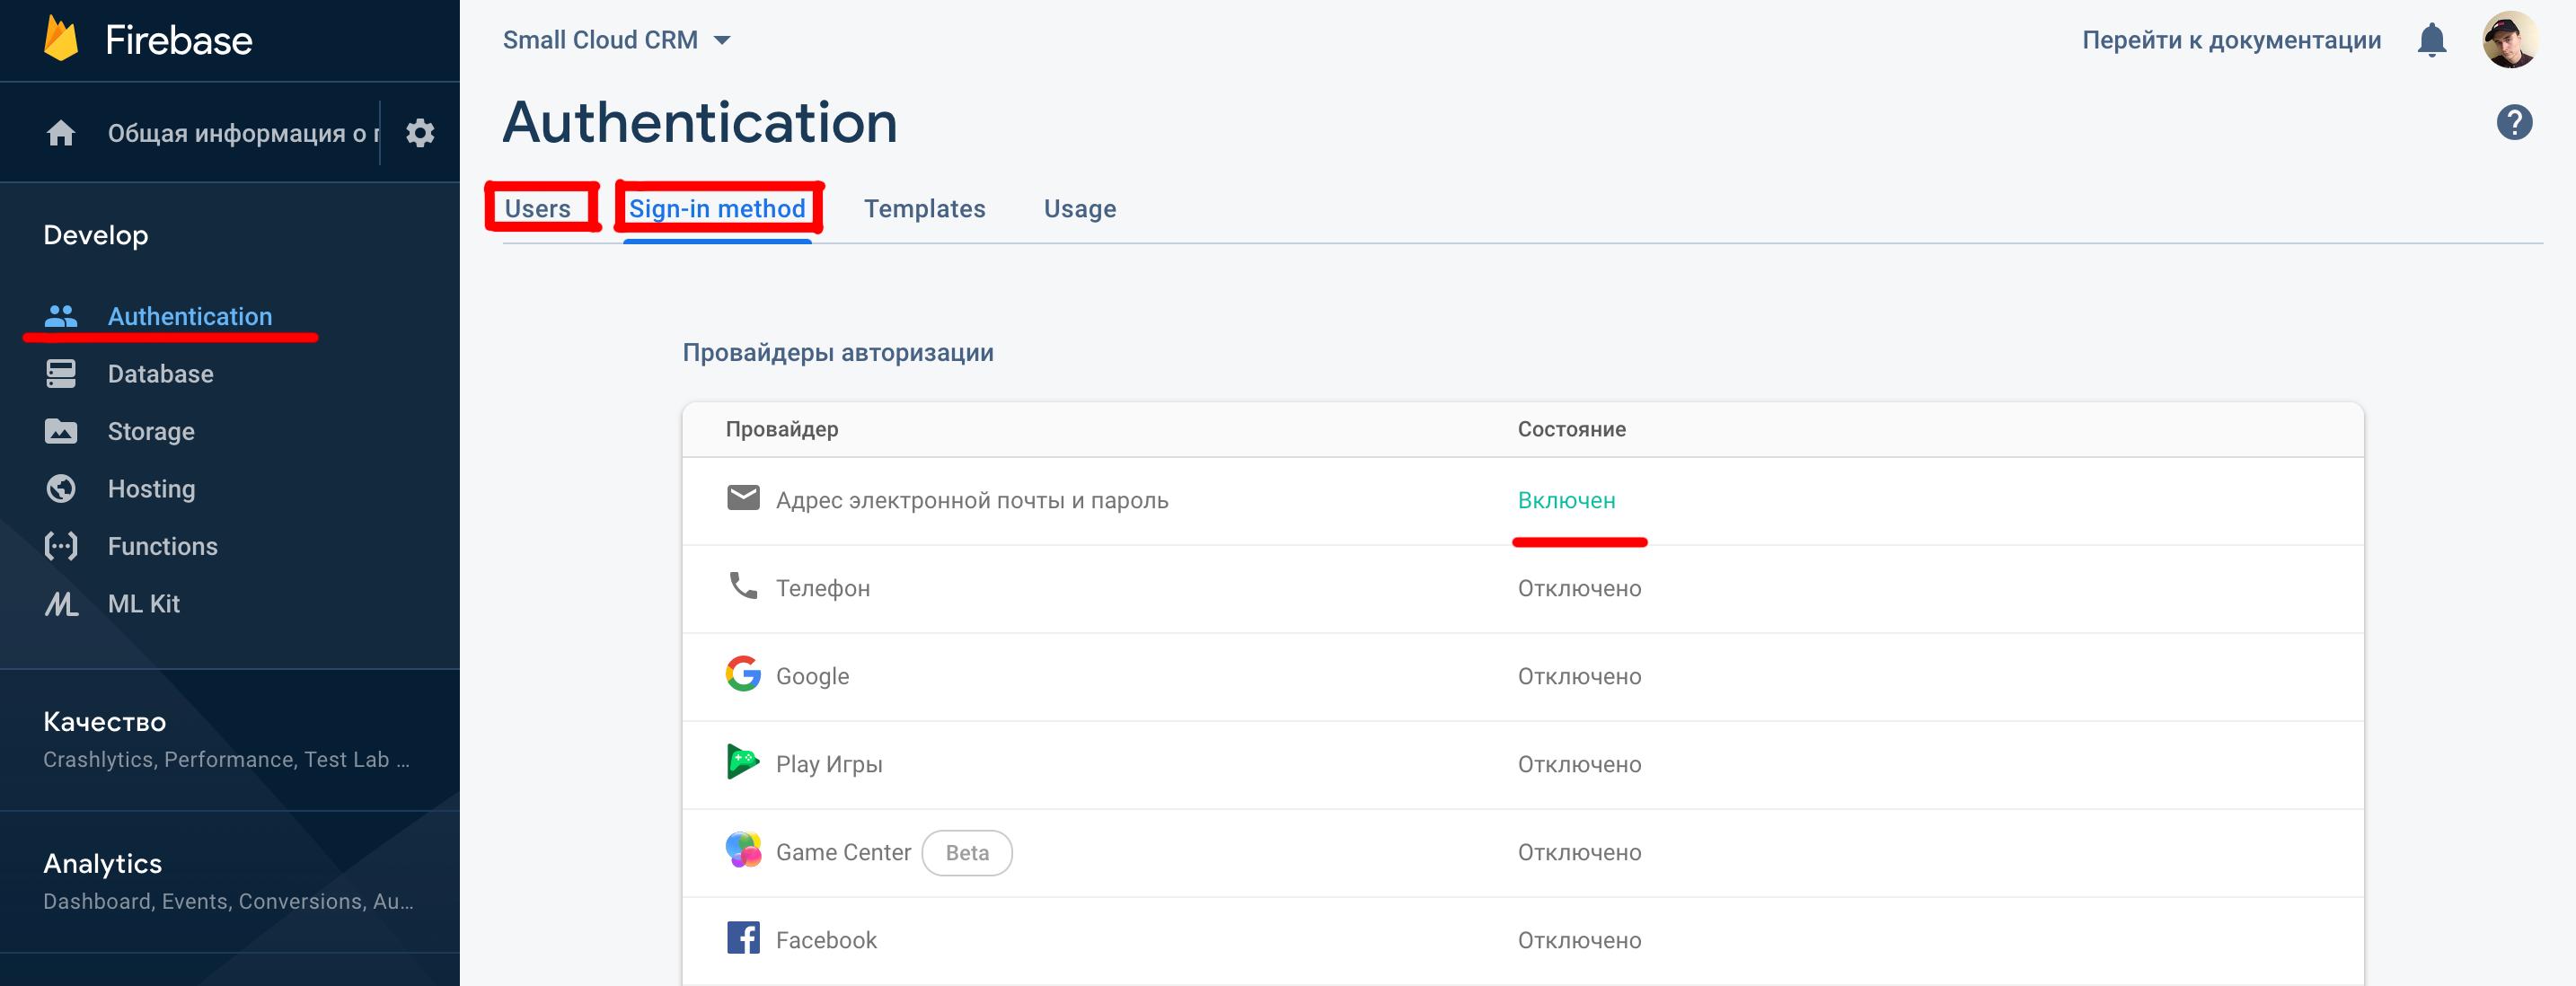 регистрация и авторизация пользователей